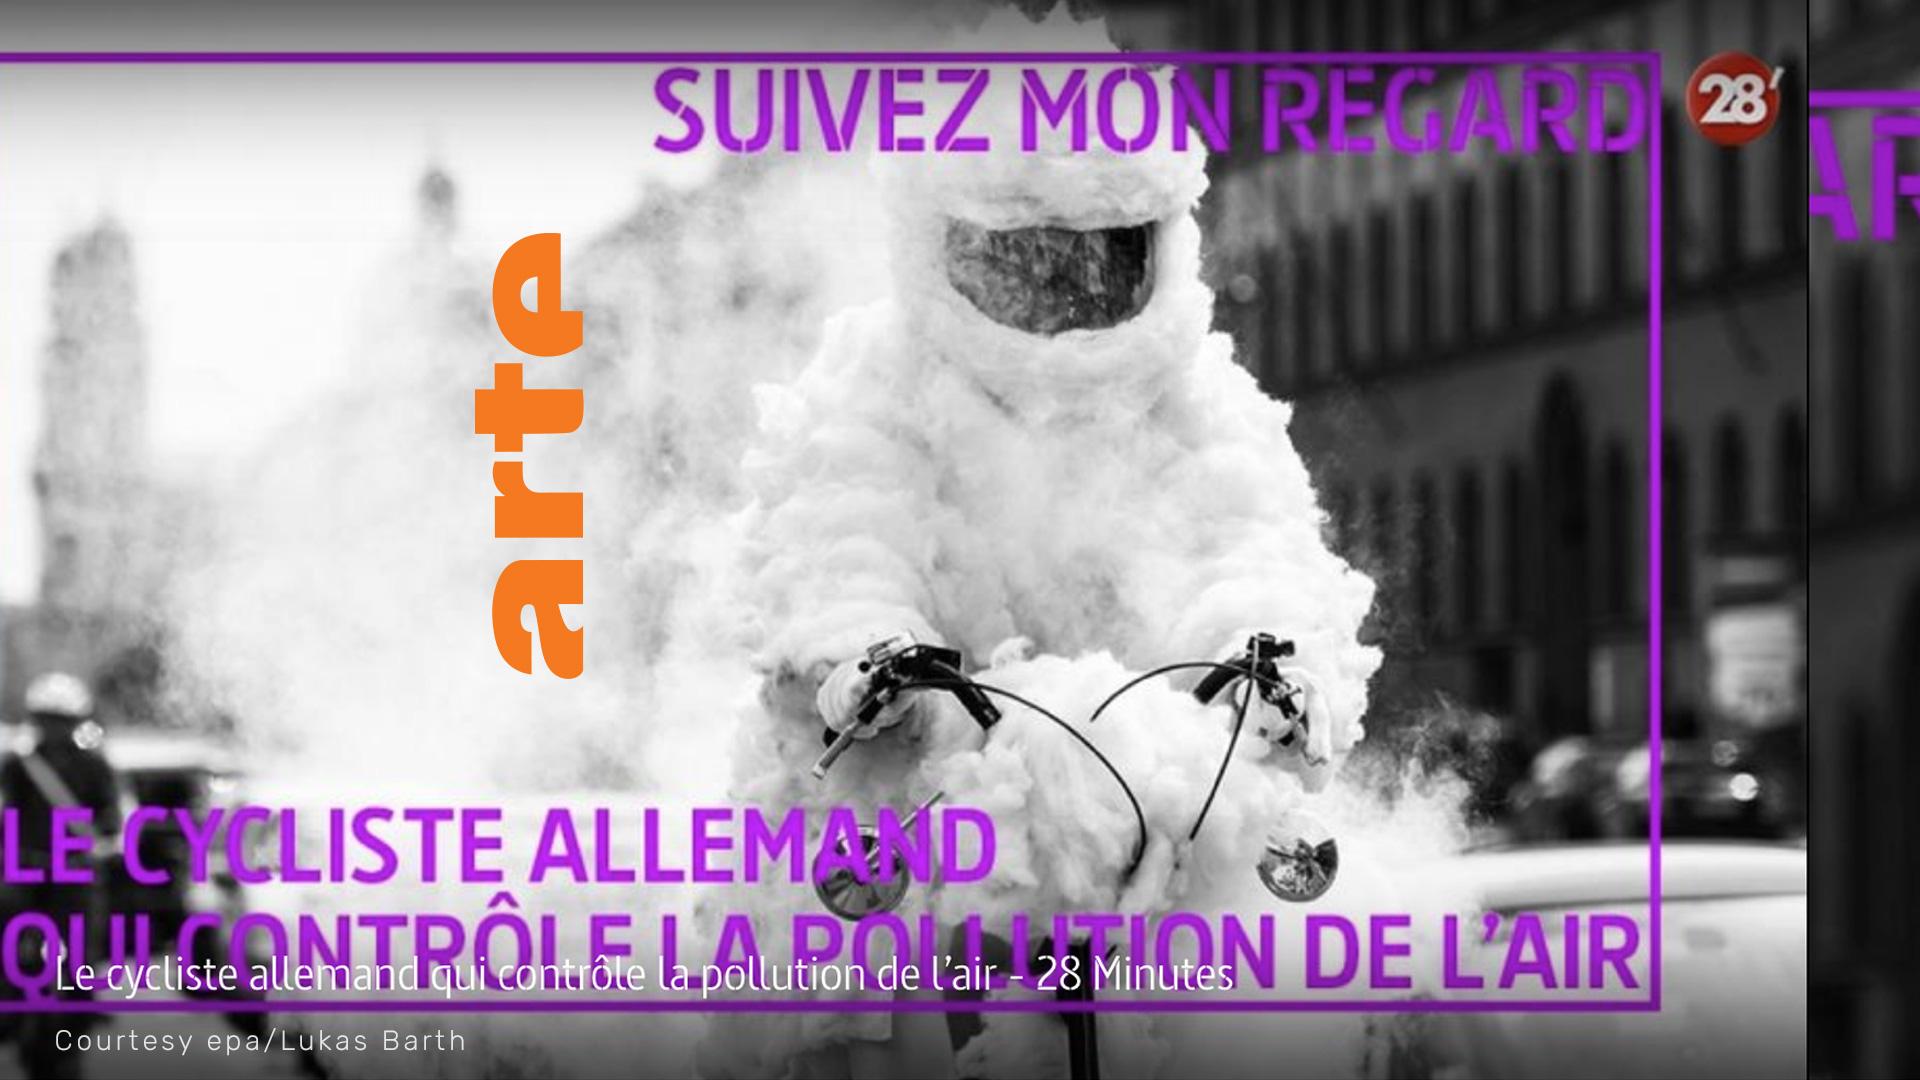 air-pollution-wolkenradler-cycling-cloud-cyclist-luftverschmutzung-arte-1